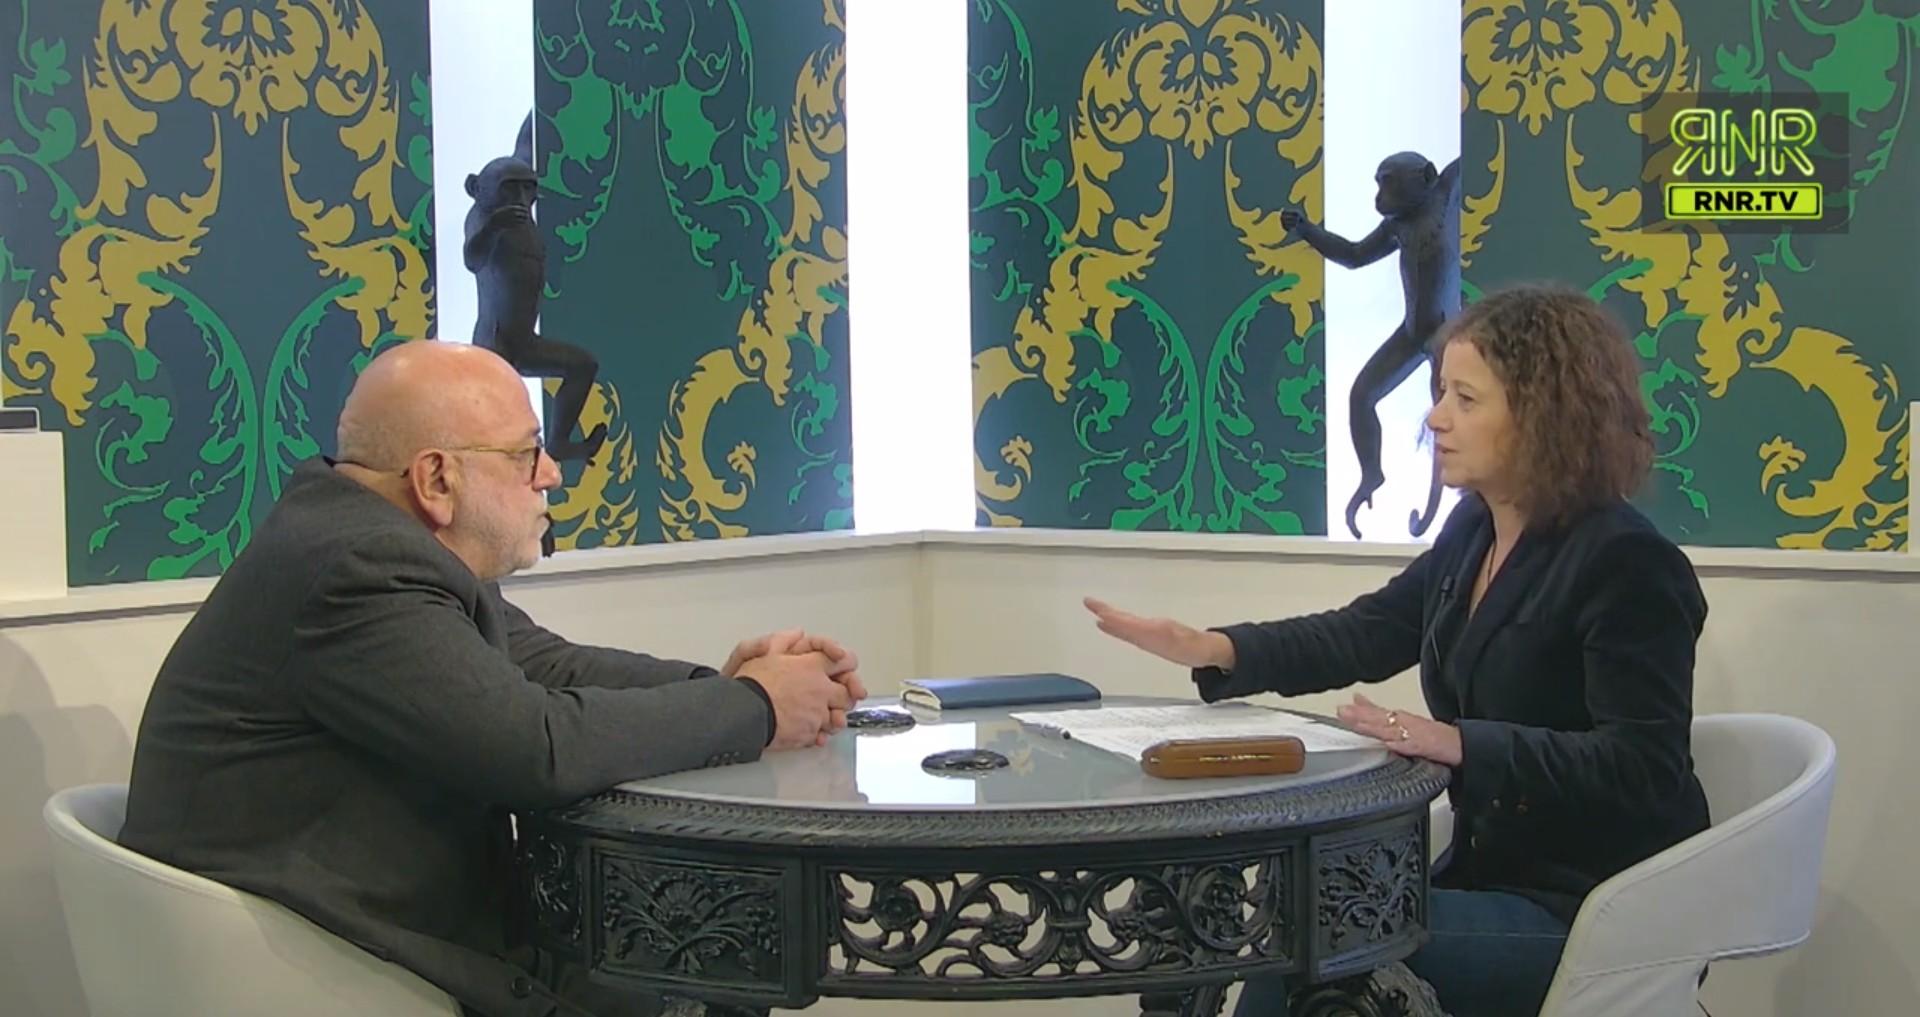 Jean-François Colosimo débat avec Elisabeth Lévy. Image: capture d'écran RNR.TV